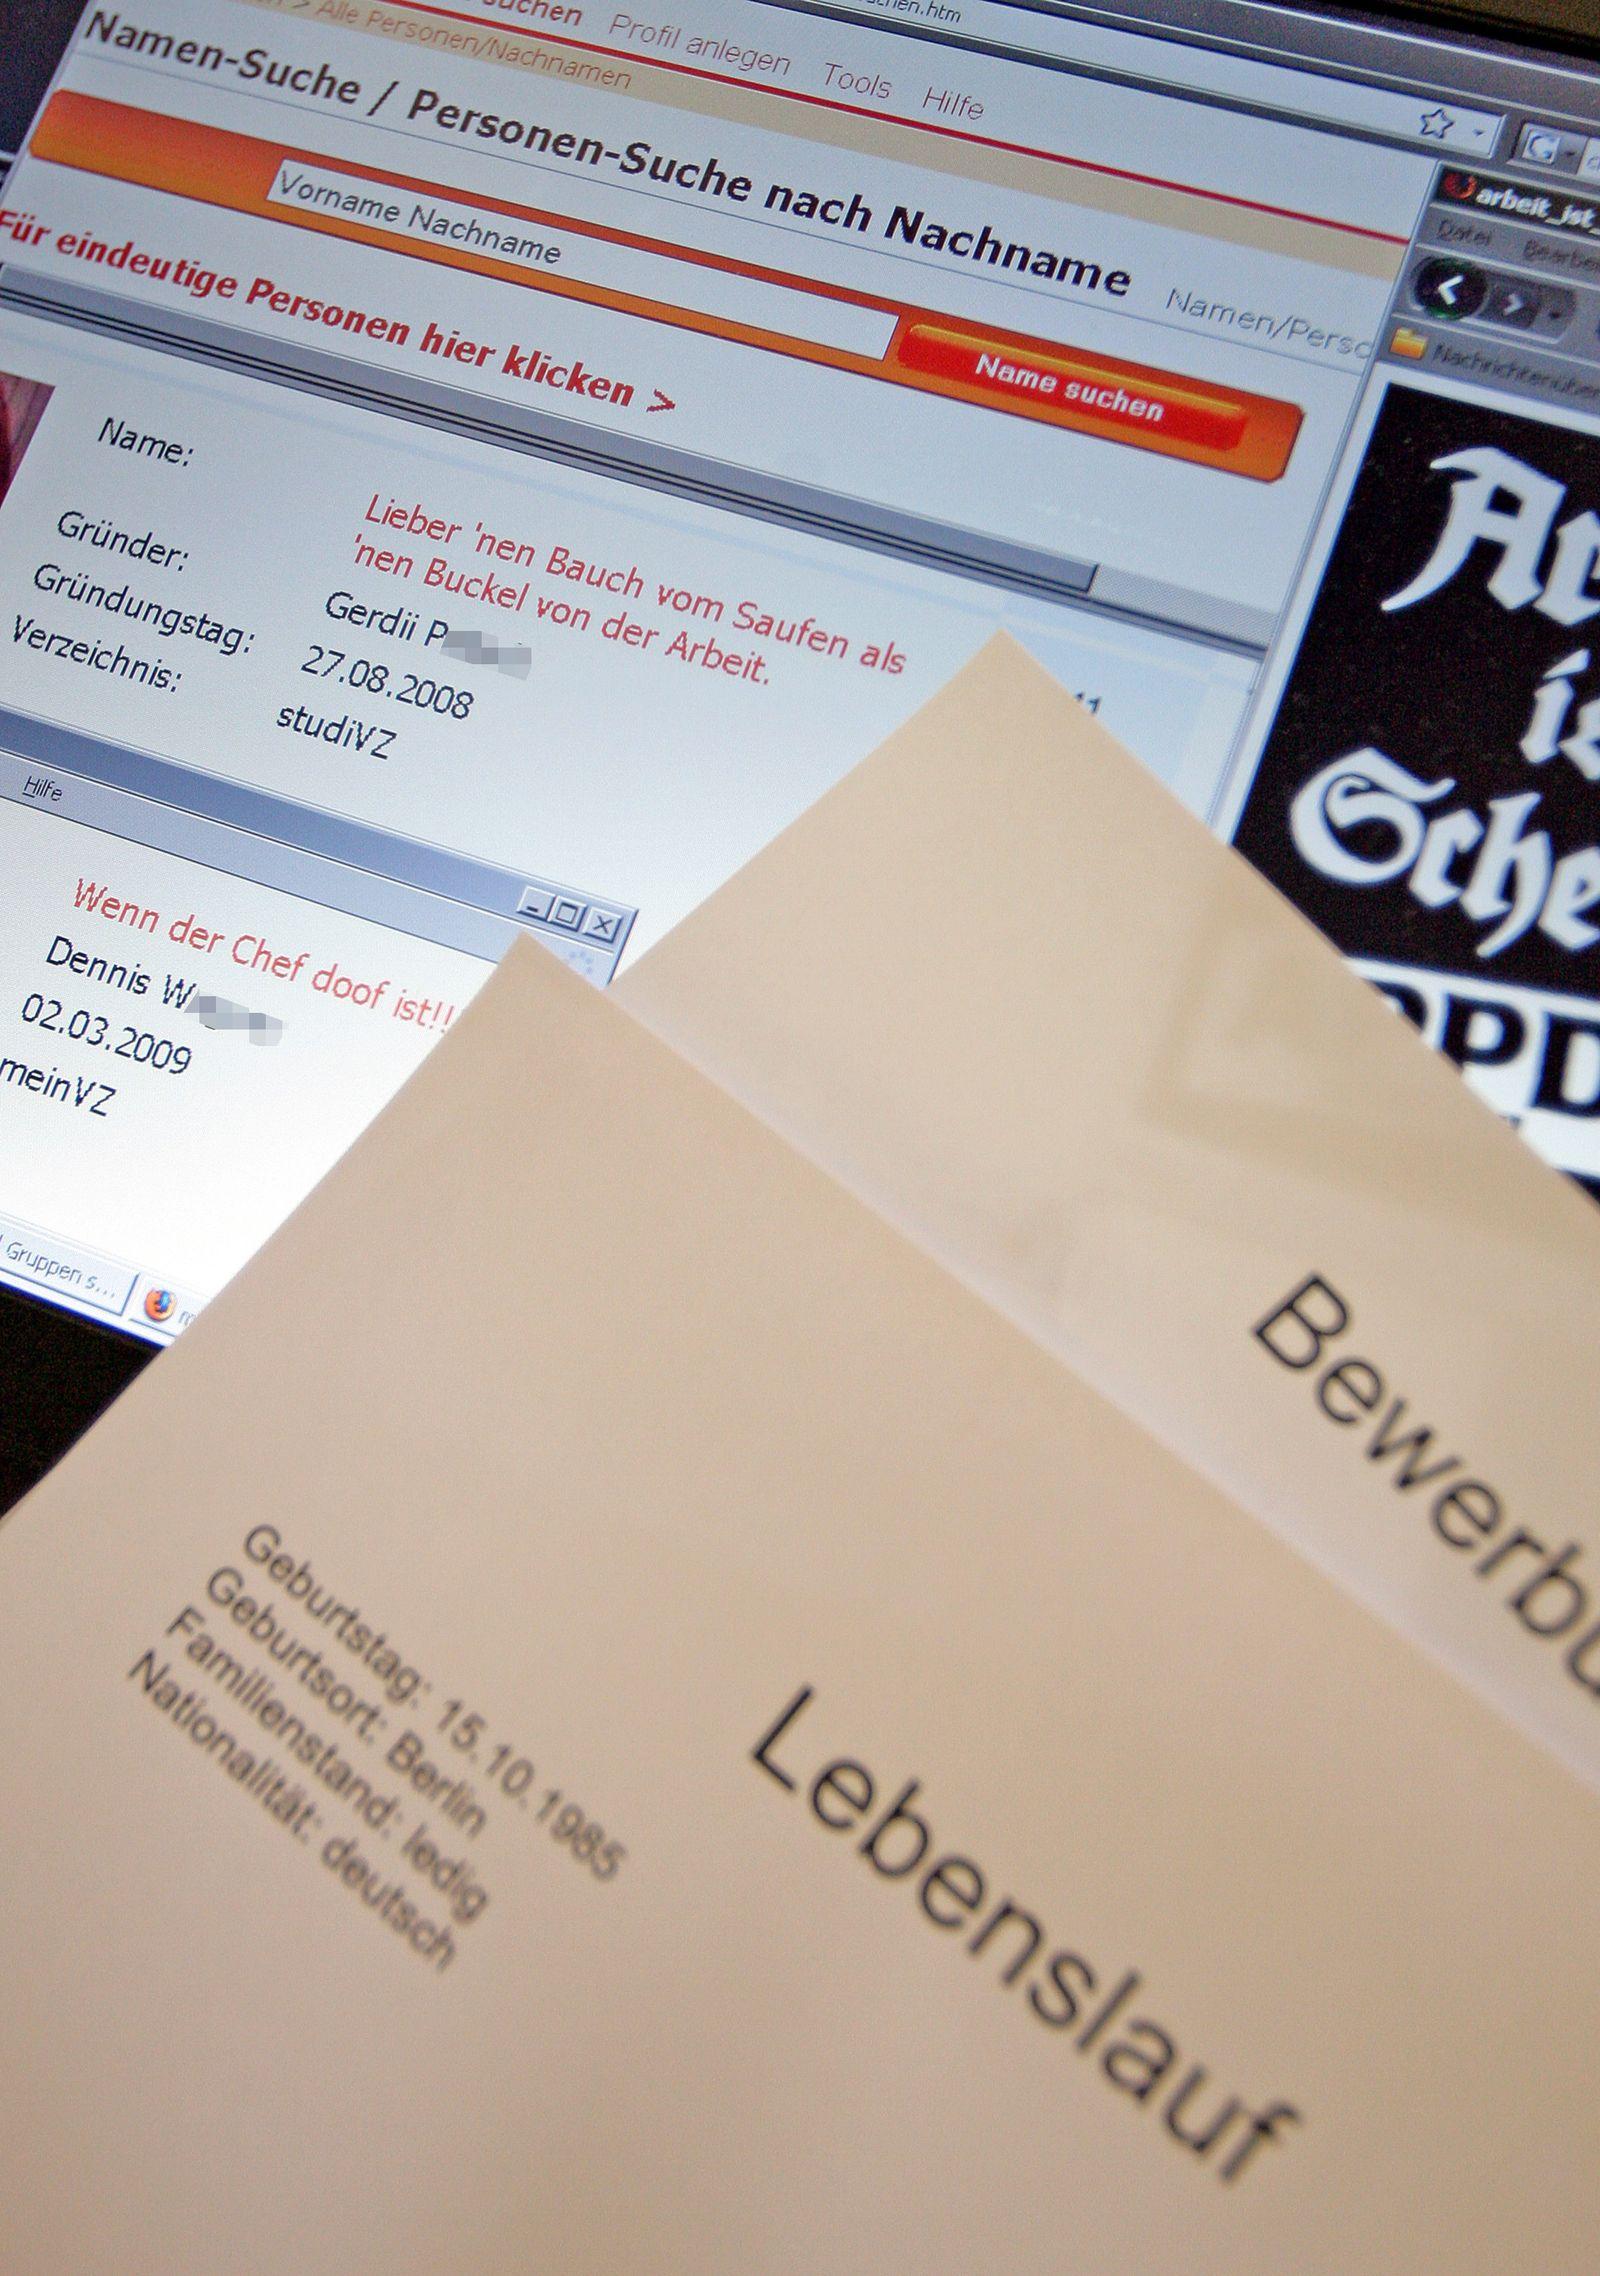 Firmen suchen Bewerber-Daten im Internet